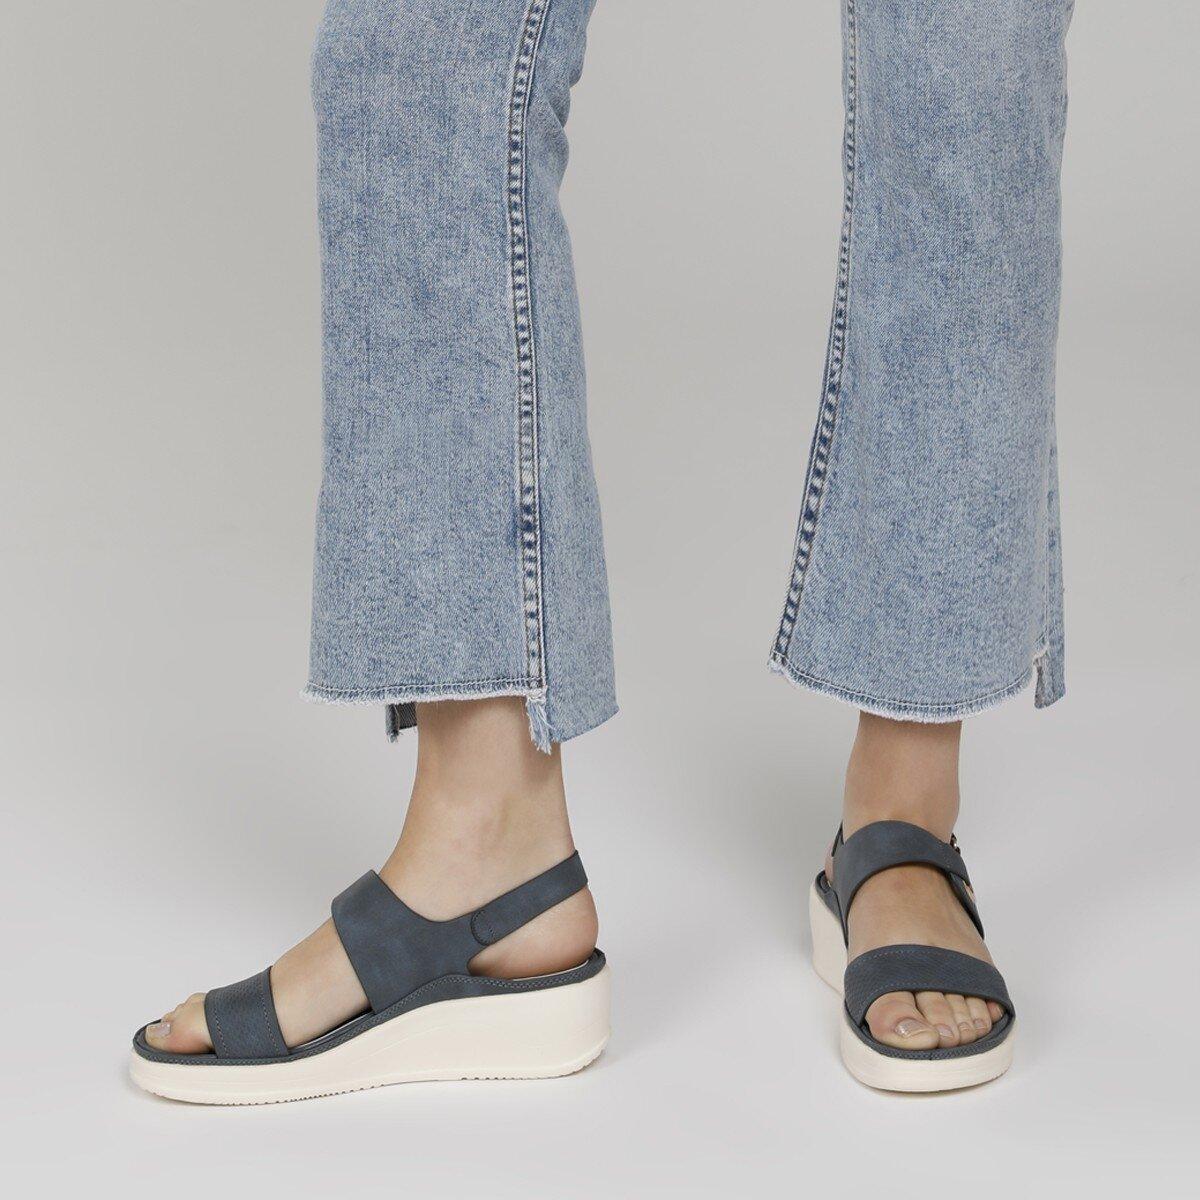 ACADDA 1FX Lacivert Kadın Kalın Taban Sandalet